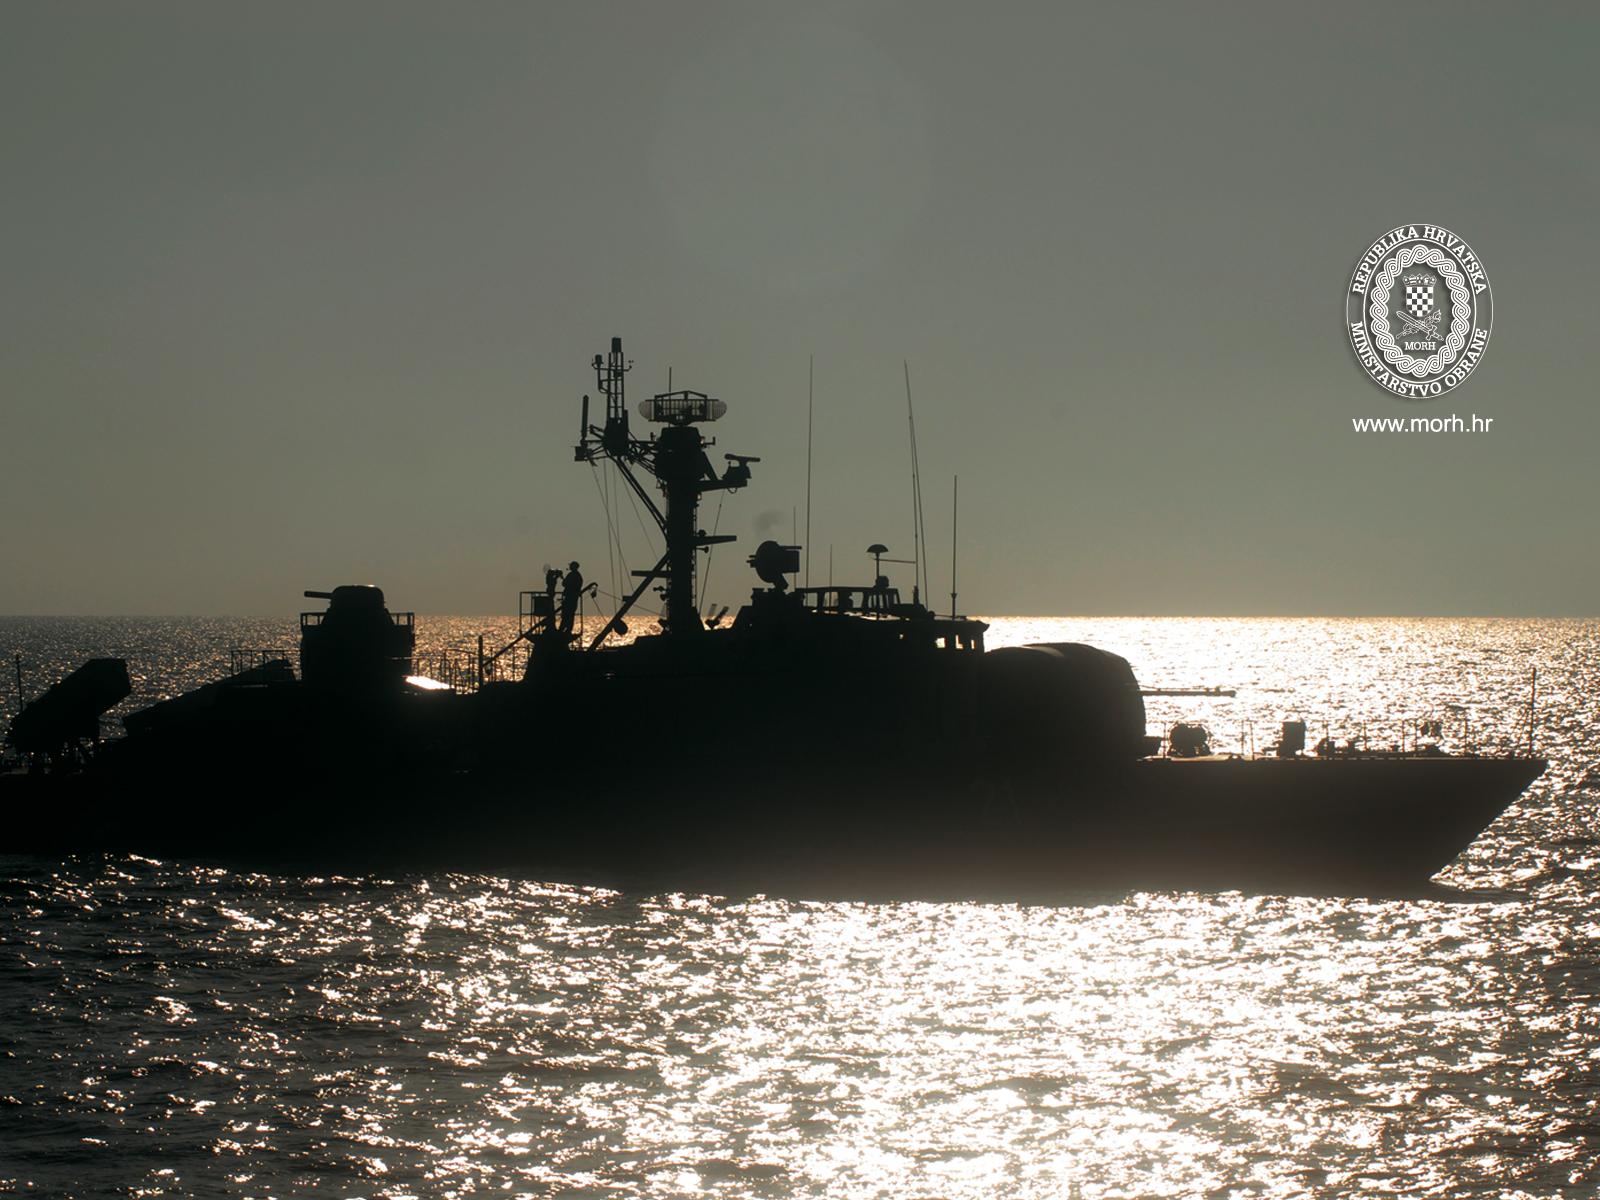 Mornarica 1600 x 1200